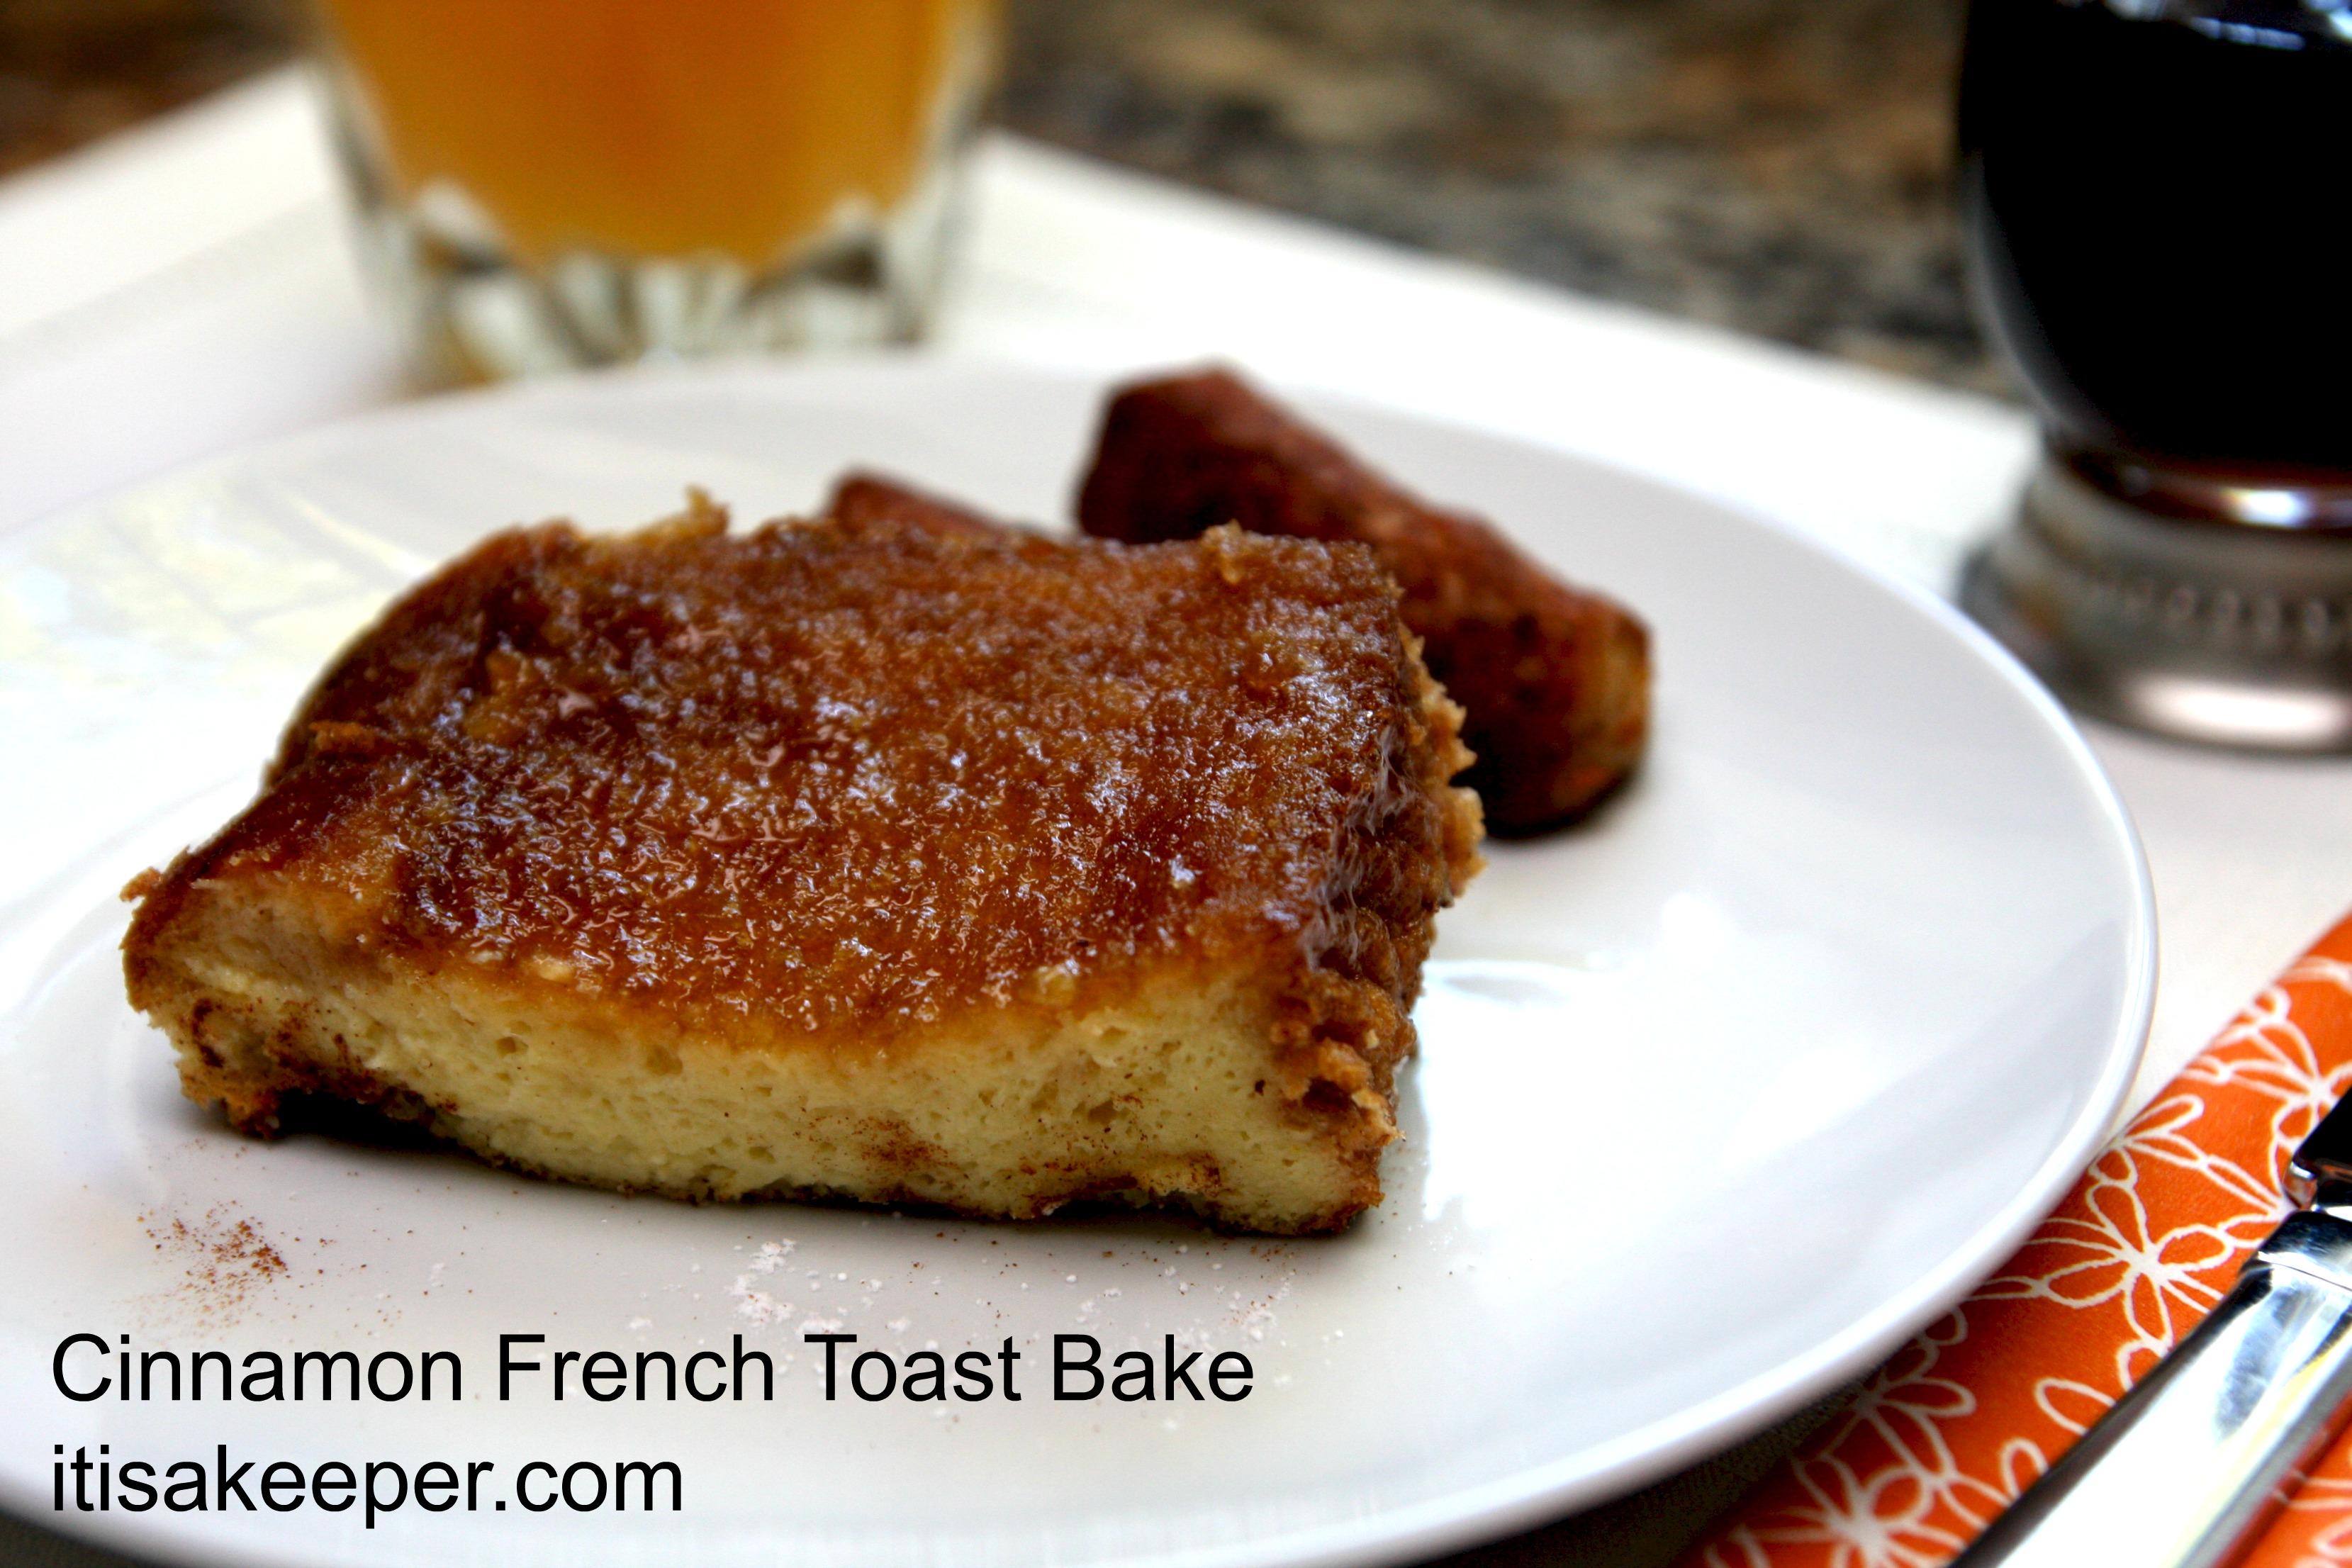 Caramelized French Toast Bake